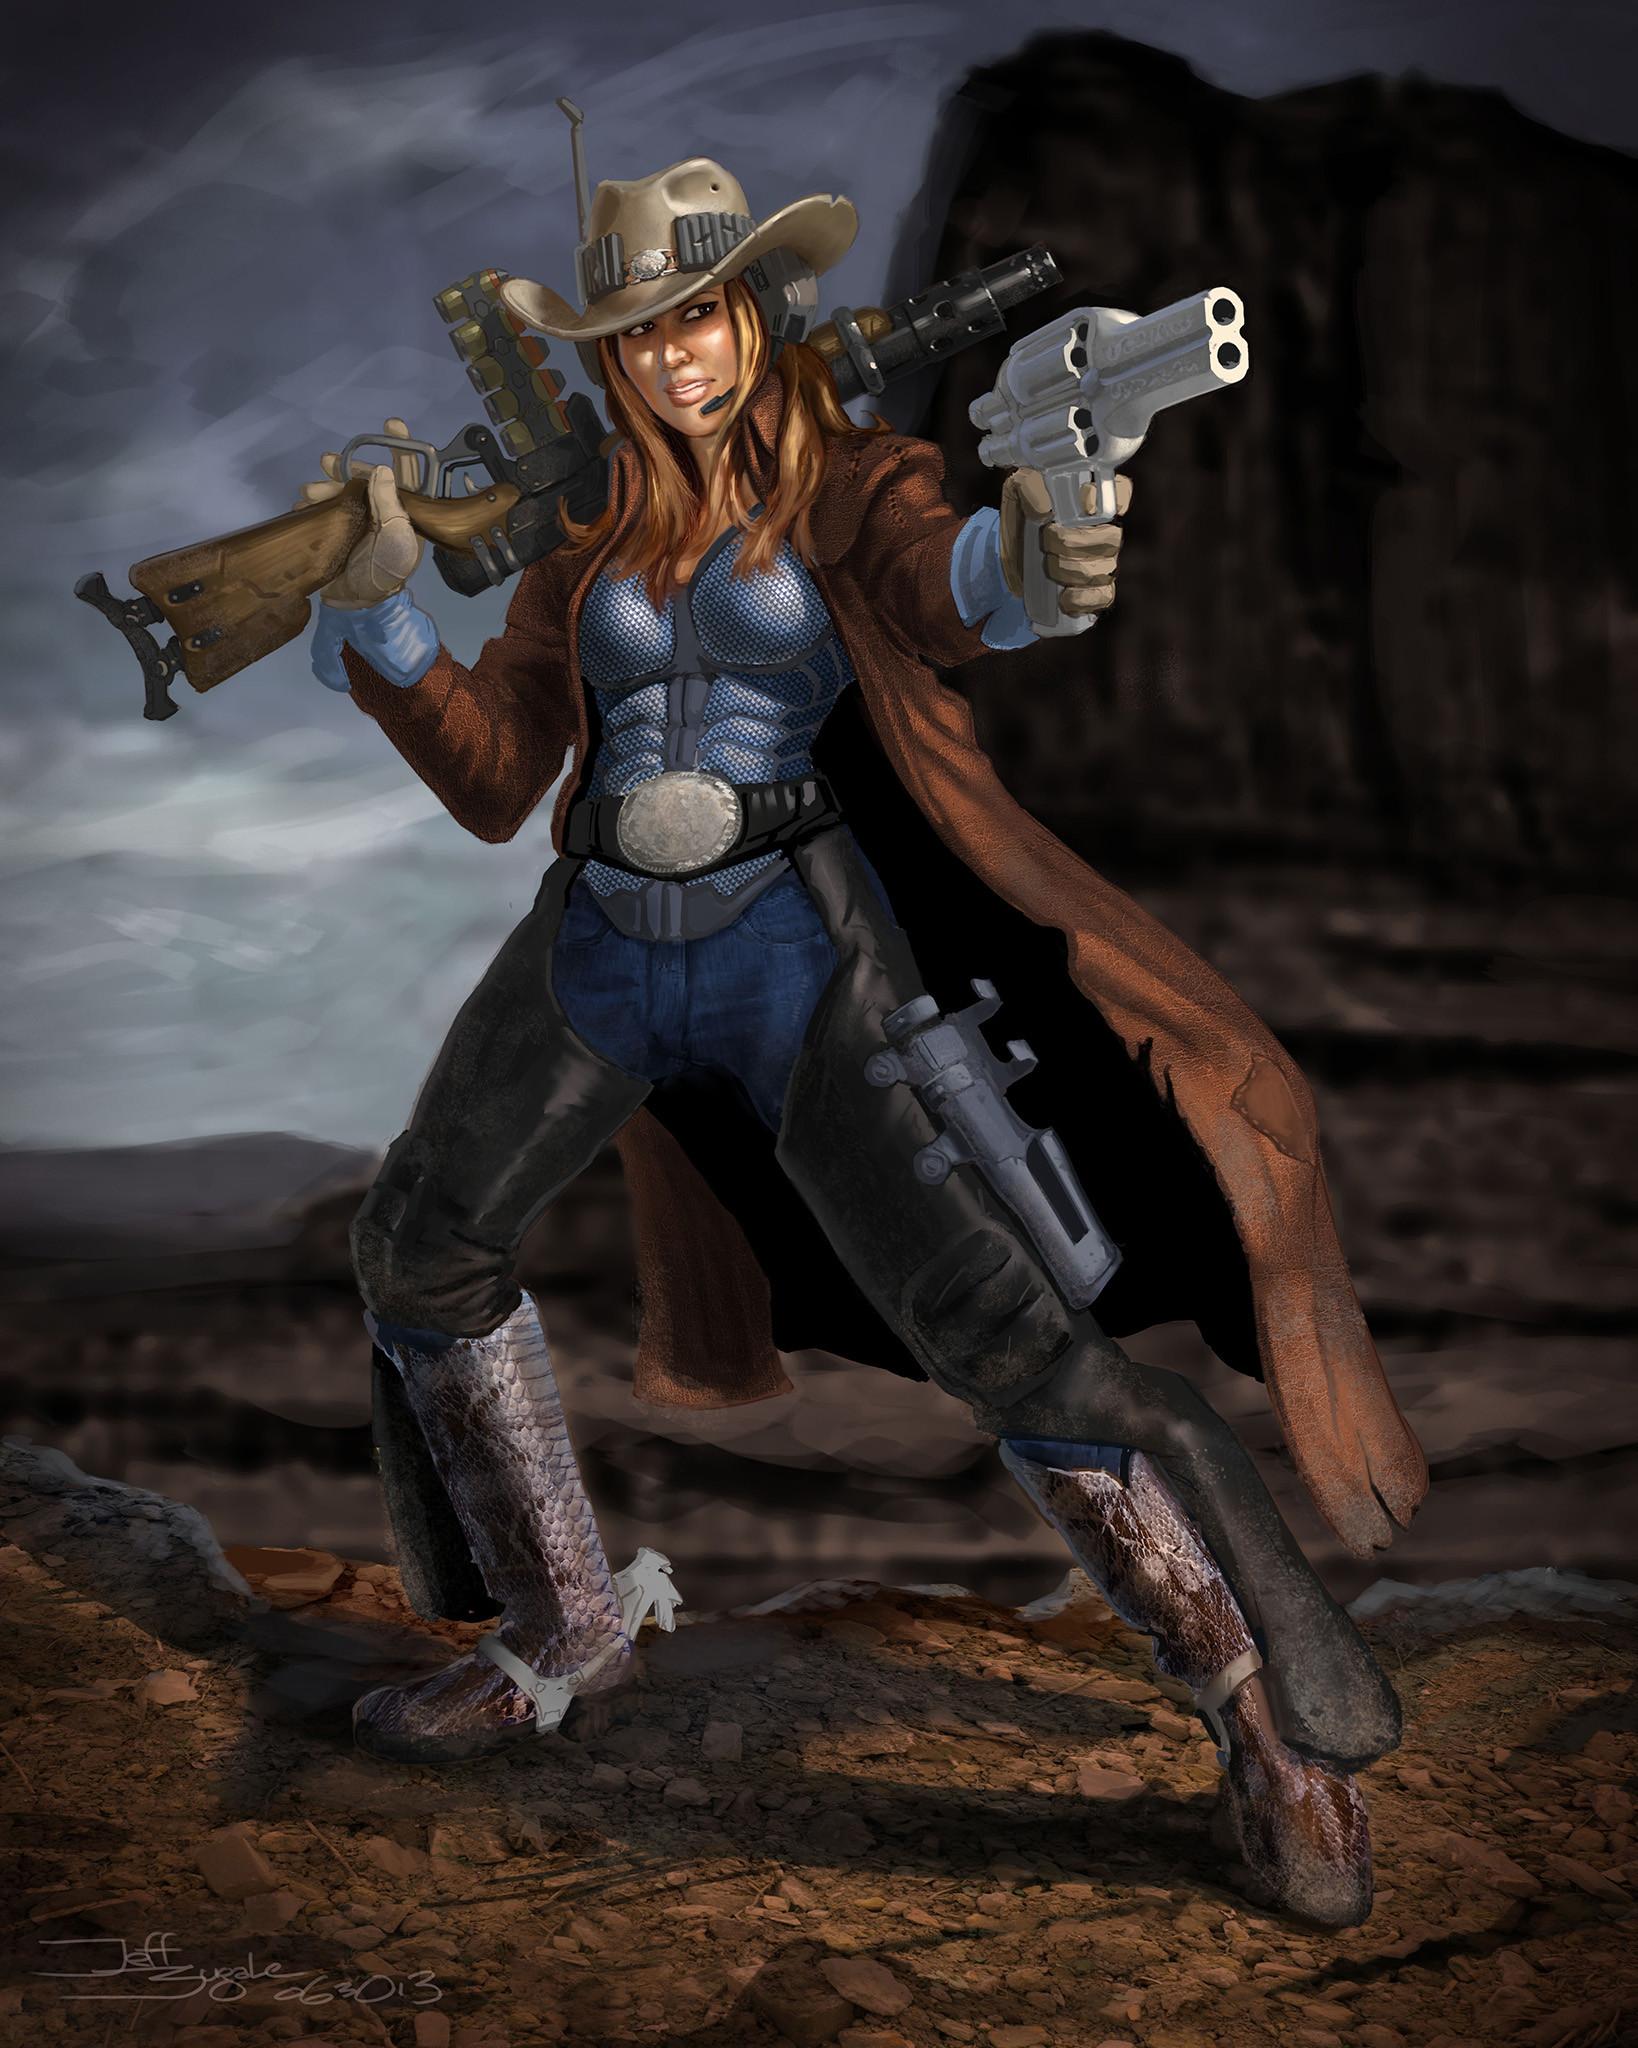 Jeff zugale cowgirl 01e final lo